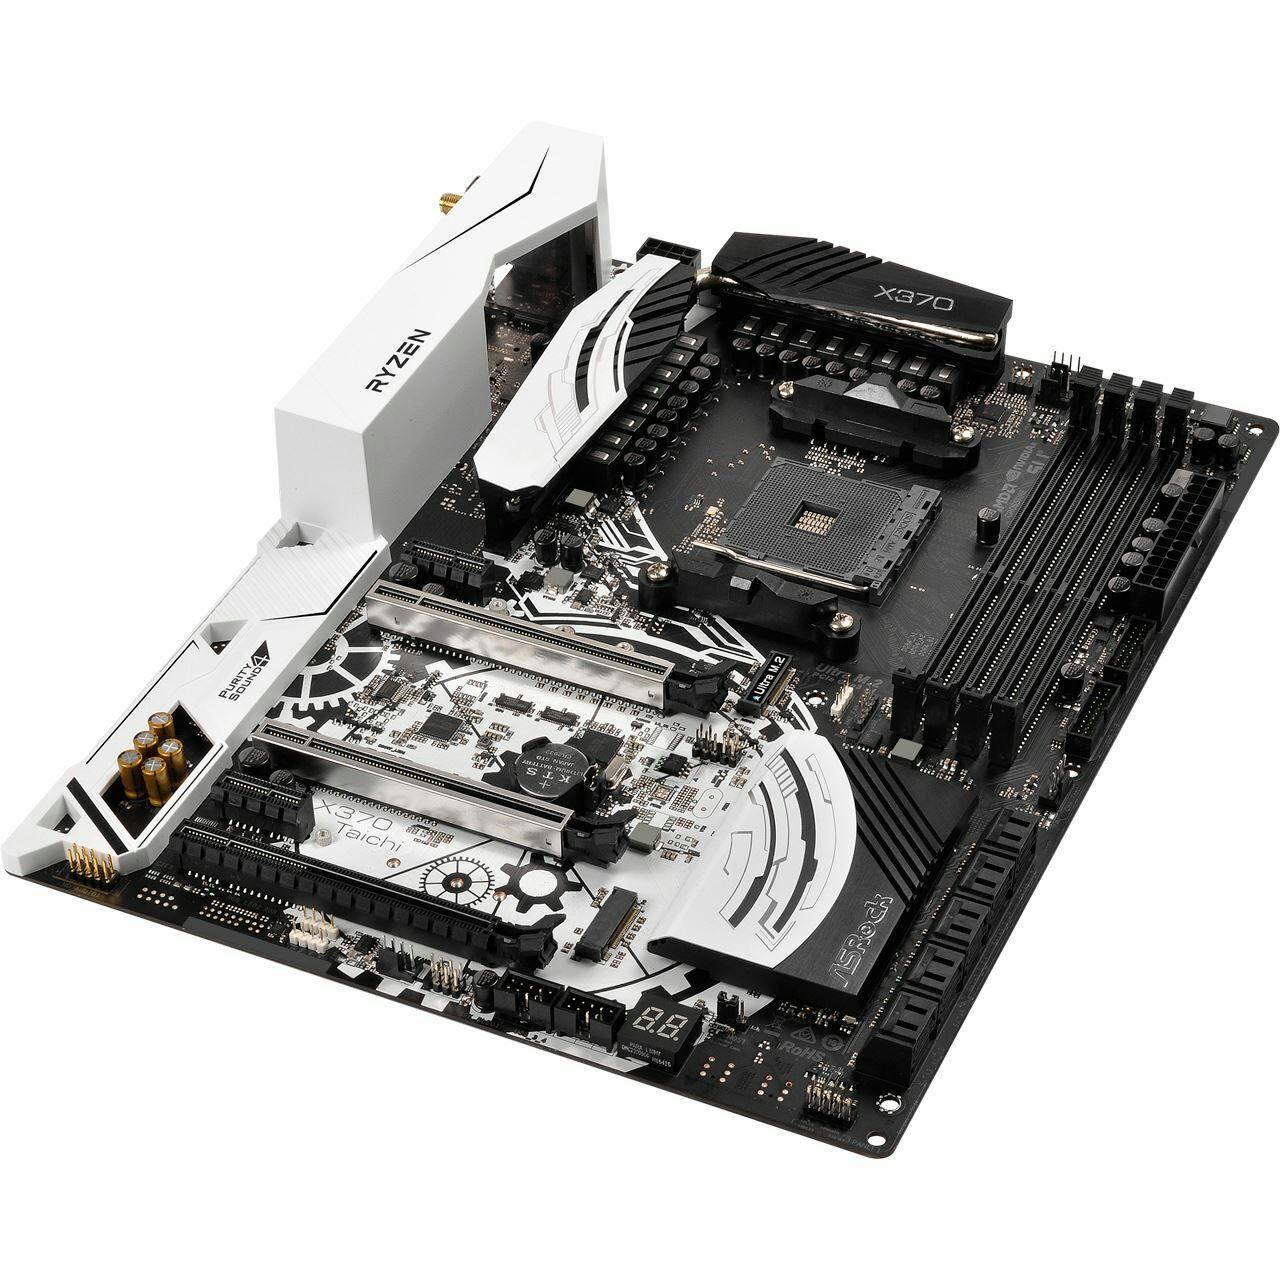 ASRockASRock X370 Taichi AMD X370 So.AM4 Dual Channel DDR4 ATX RetailArtnr: 69479, EAN: 4717677333121, Hersteller Artnr.: X370 TAICHI